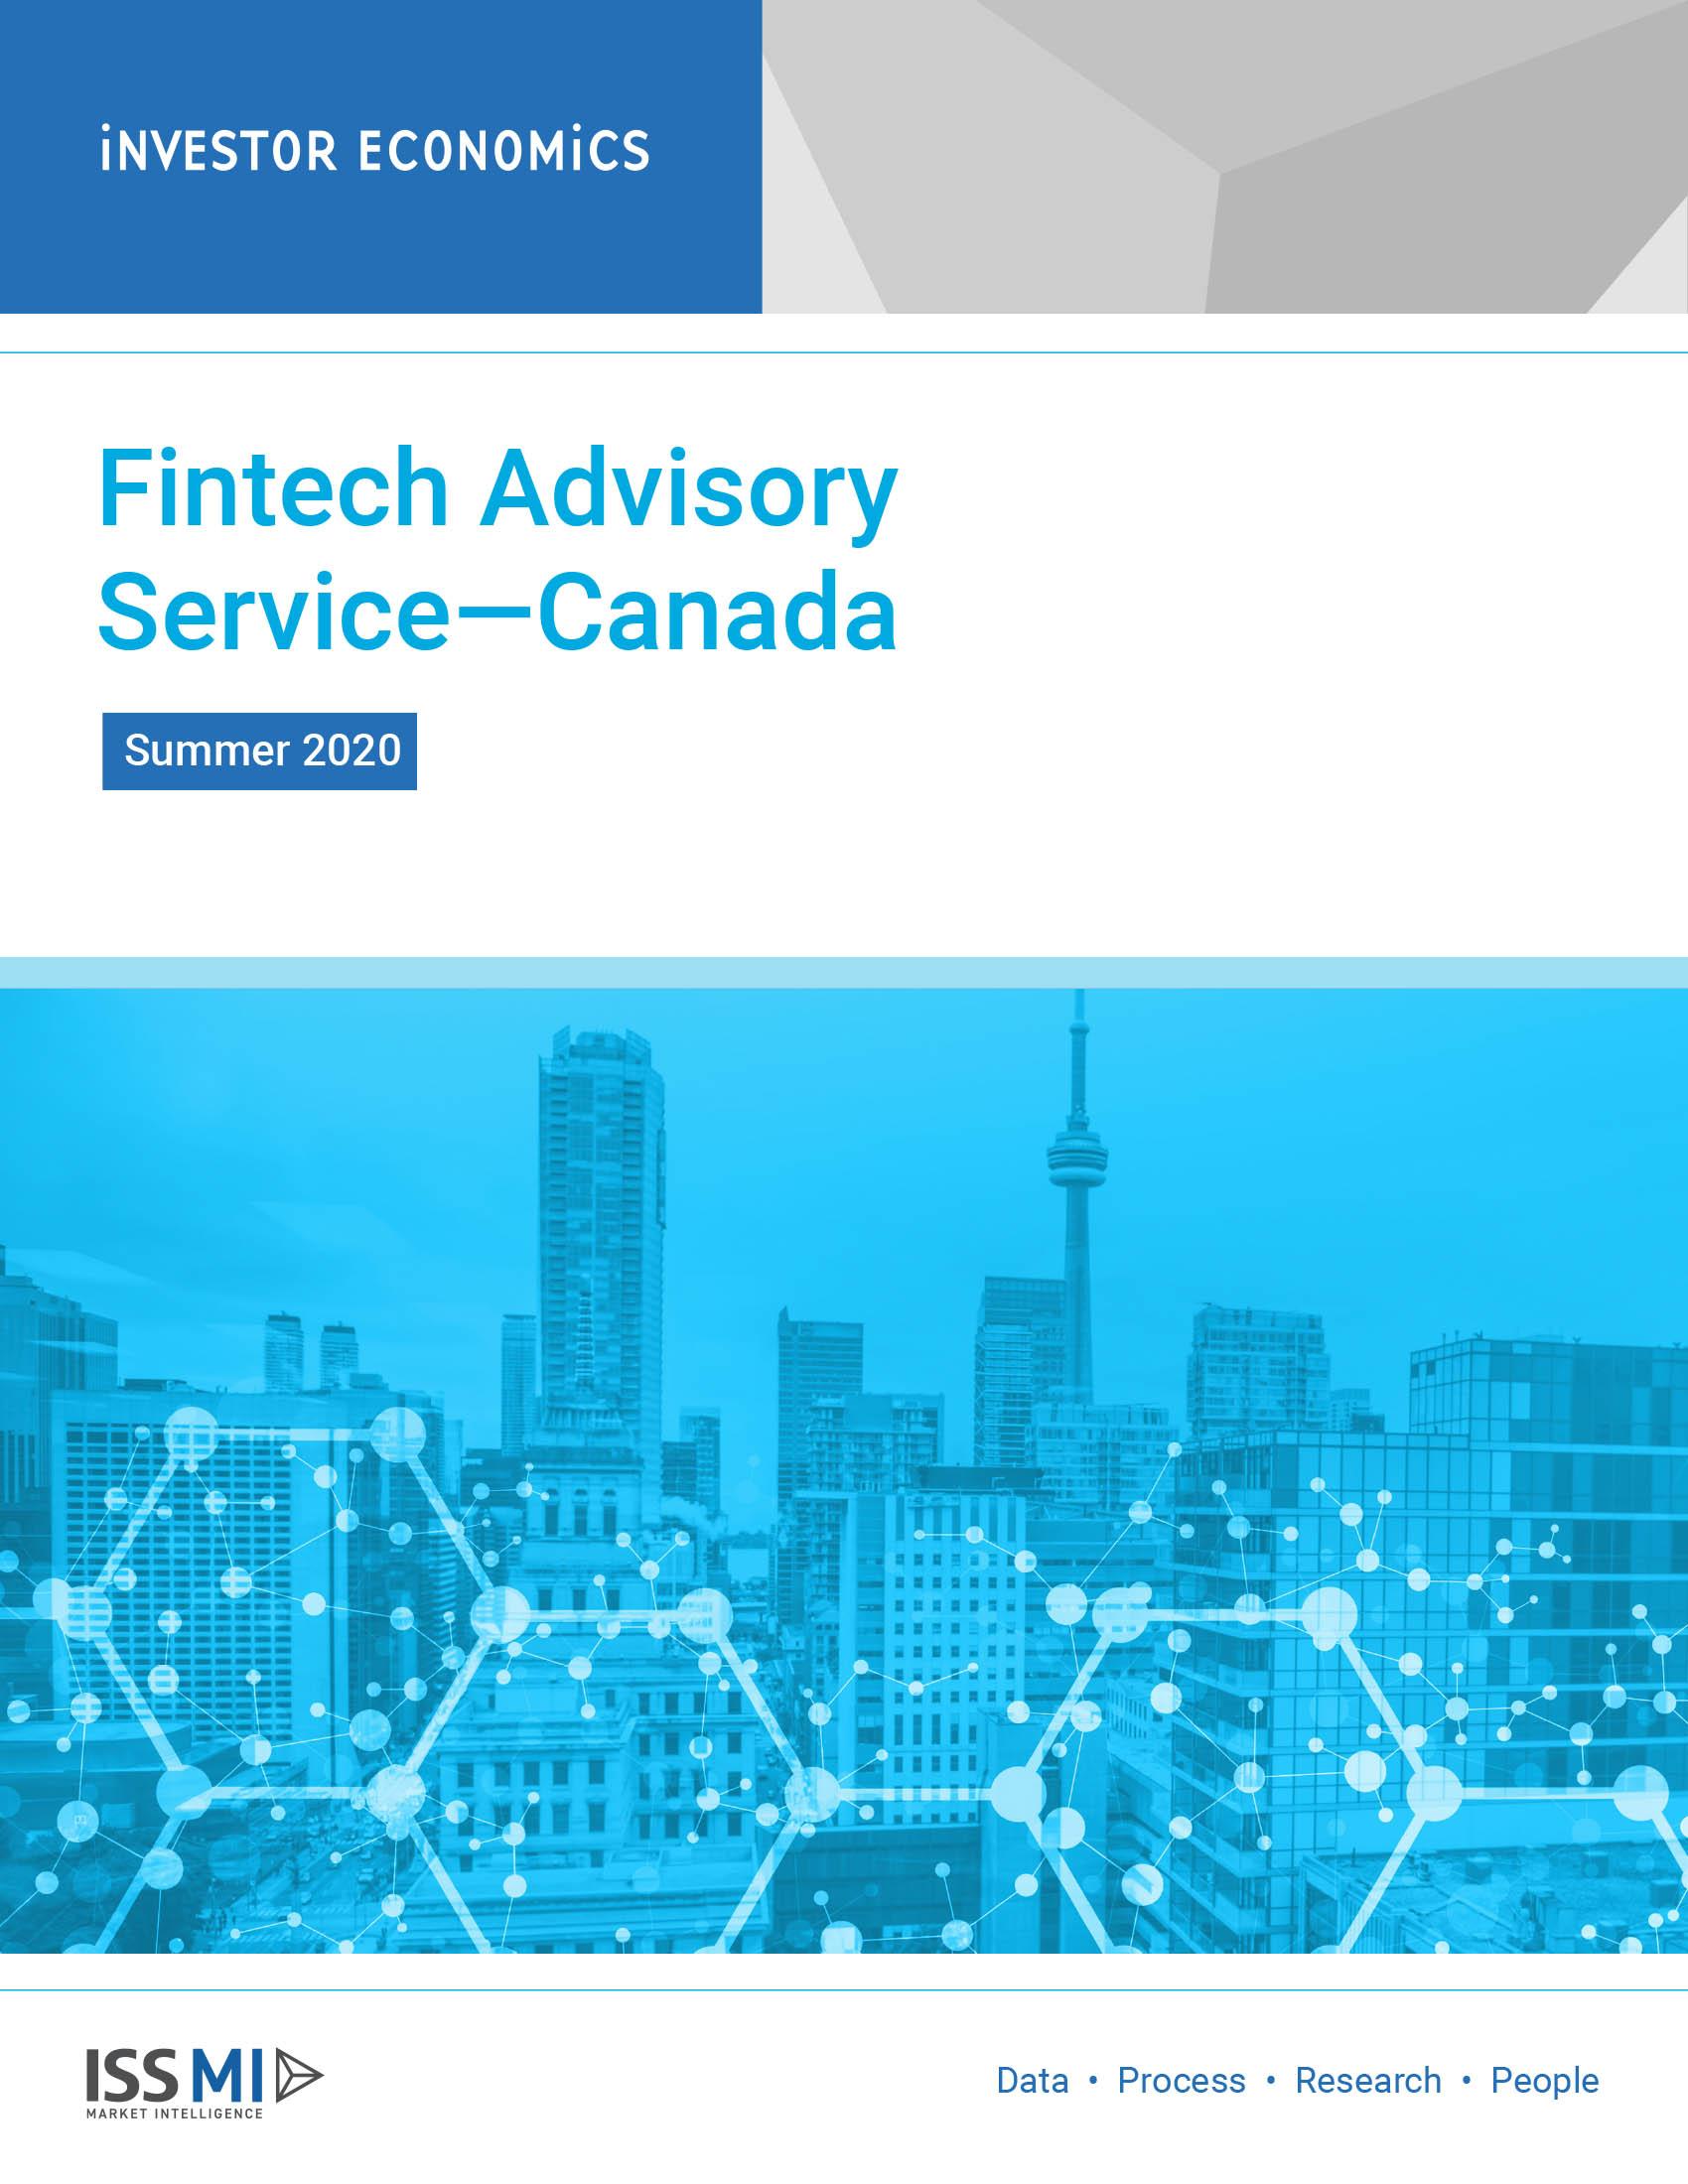 Fintech Advisory Service Summer 2020